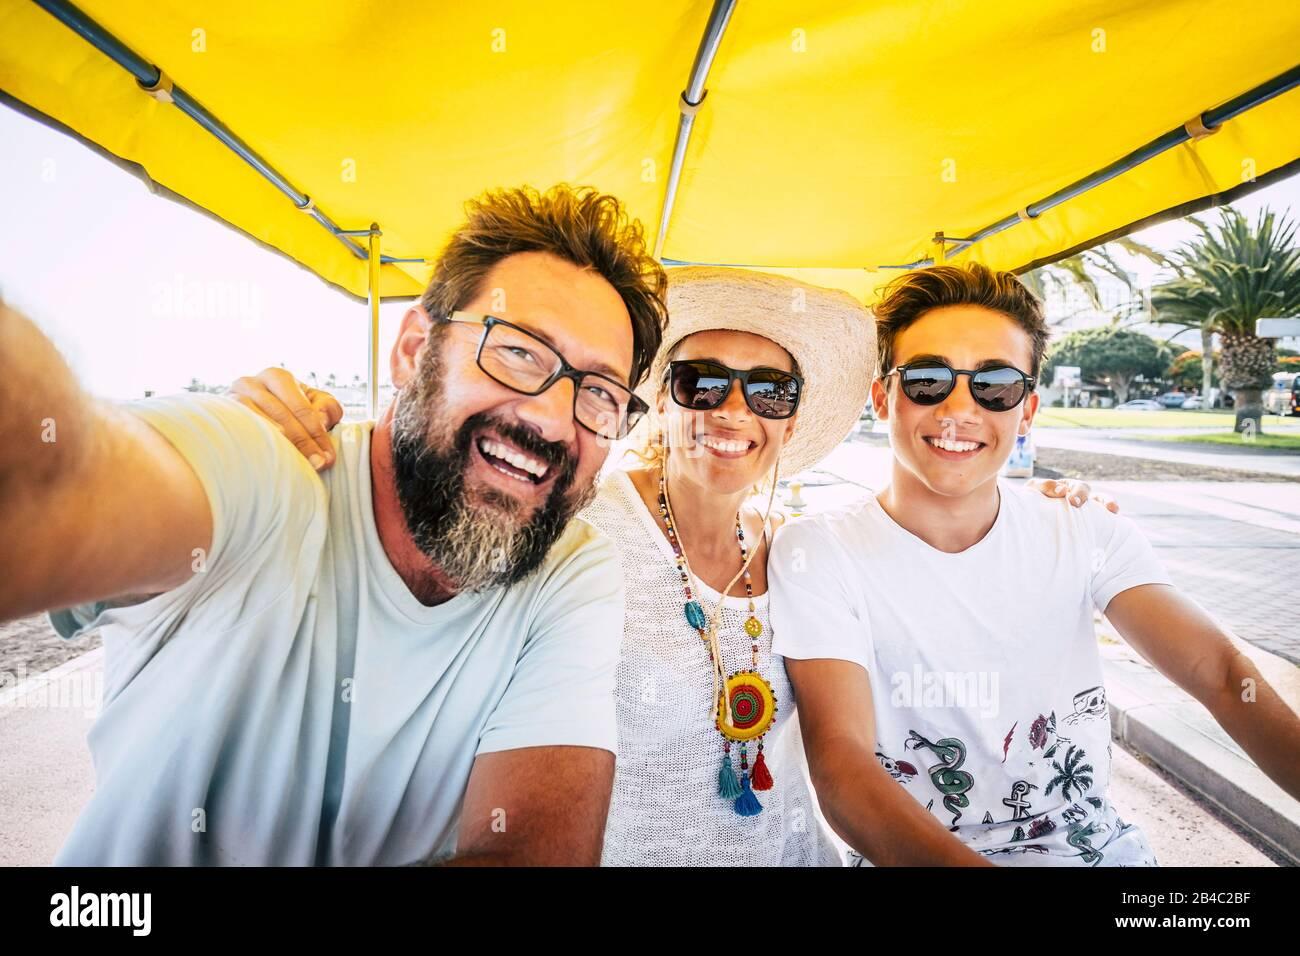 Concetto di famiglia di gente felice - figlio di madre e padre ridere molto e divertirsi insieme nell'attività di svago all'aperto - gruppo caucasico di amici di età e generazioni diverse Foto Stock